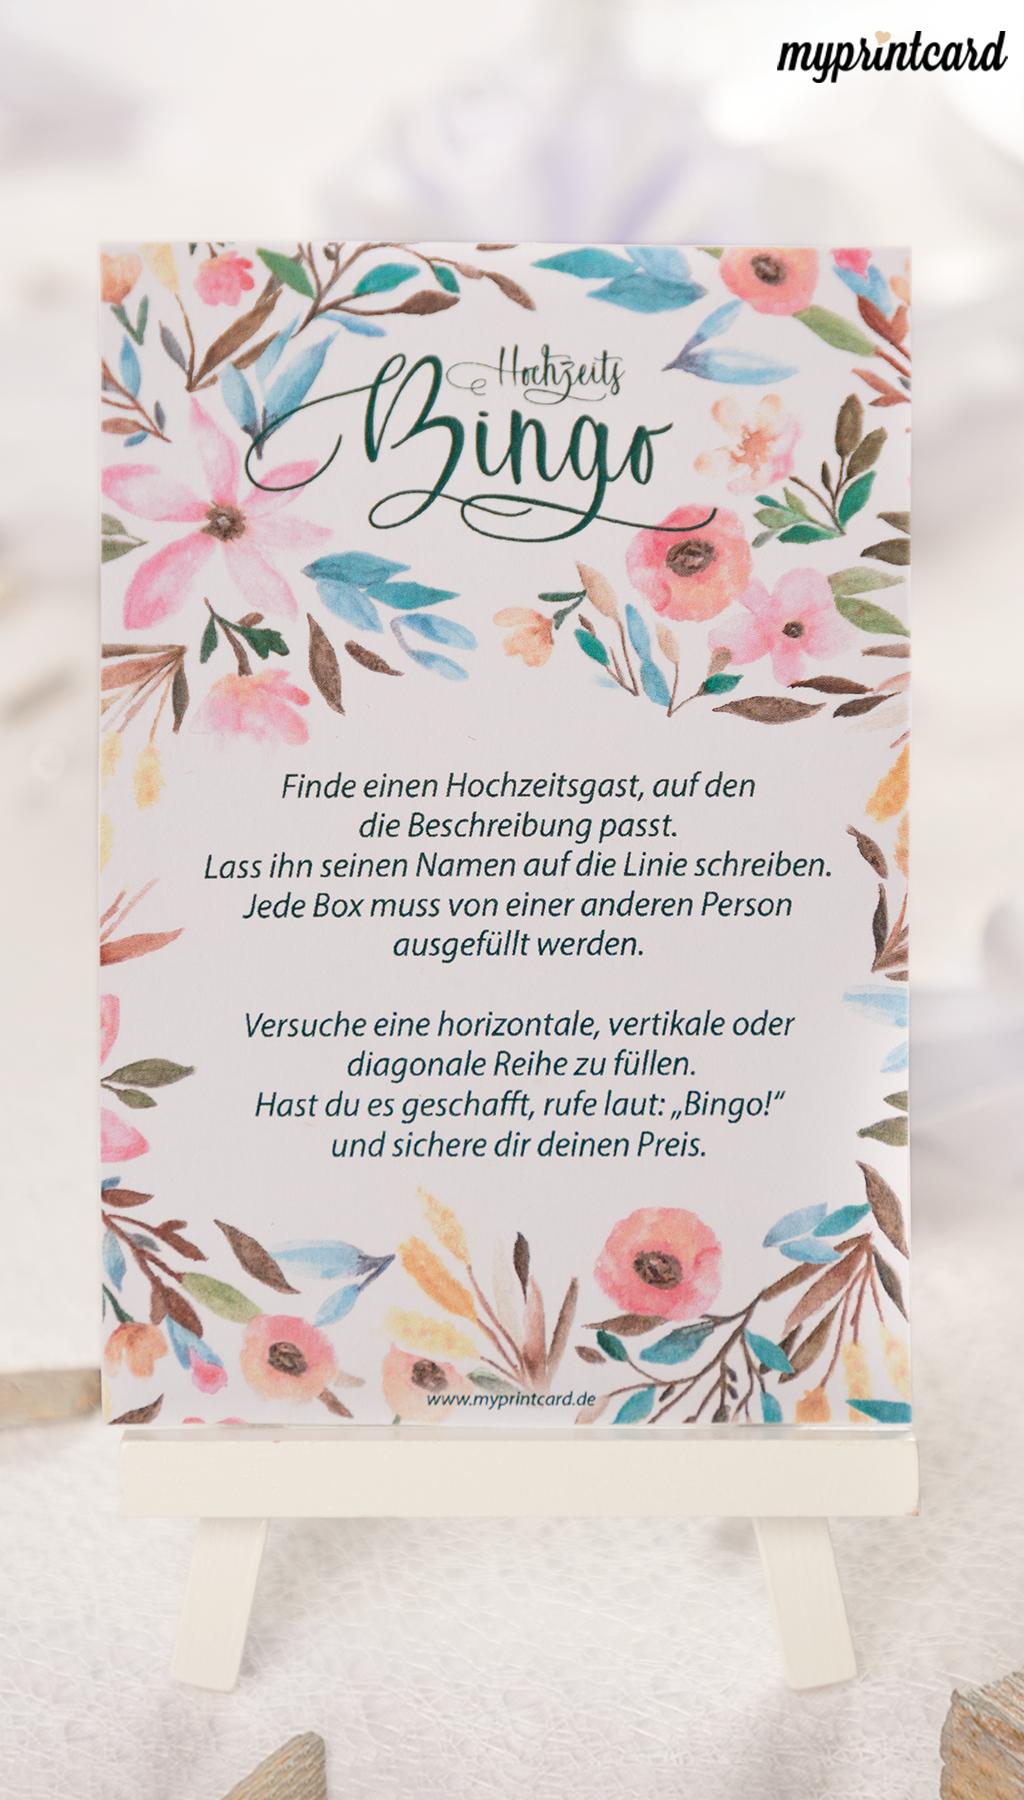 Hochzeitsbingo Mit Vorlage Zum Downloaden Hochzeit Spiele Hochzeit Hochzeitsspiele